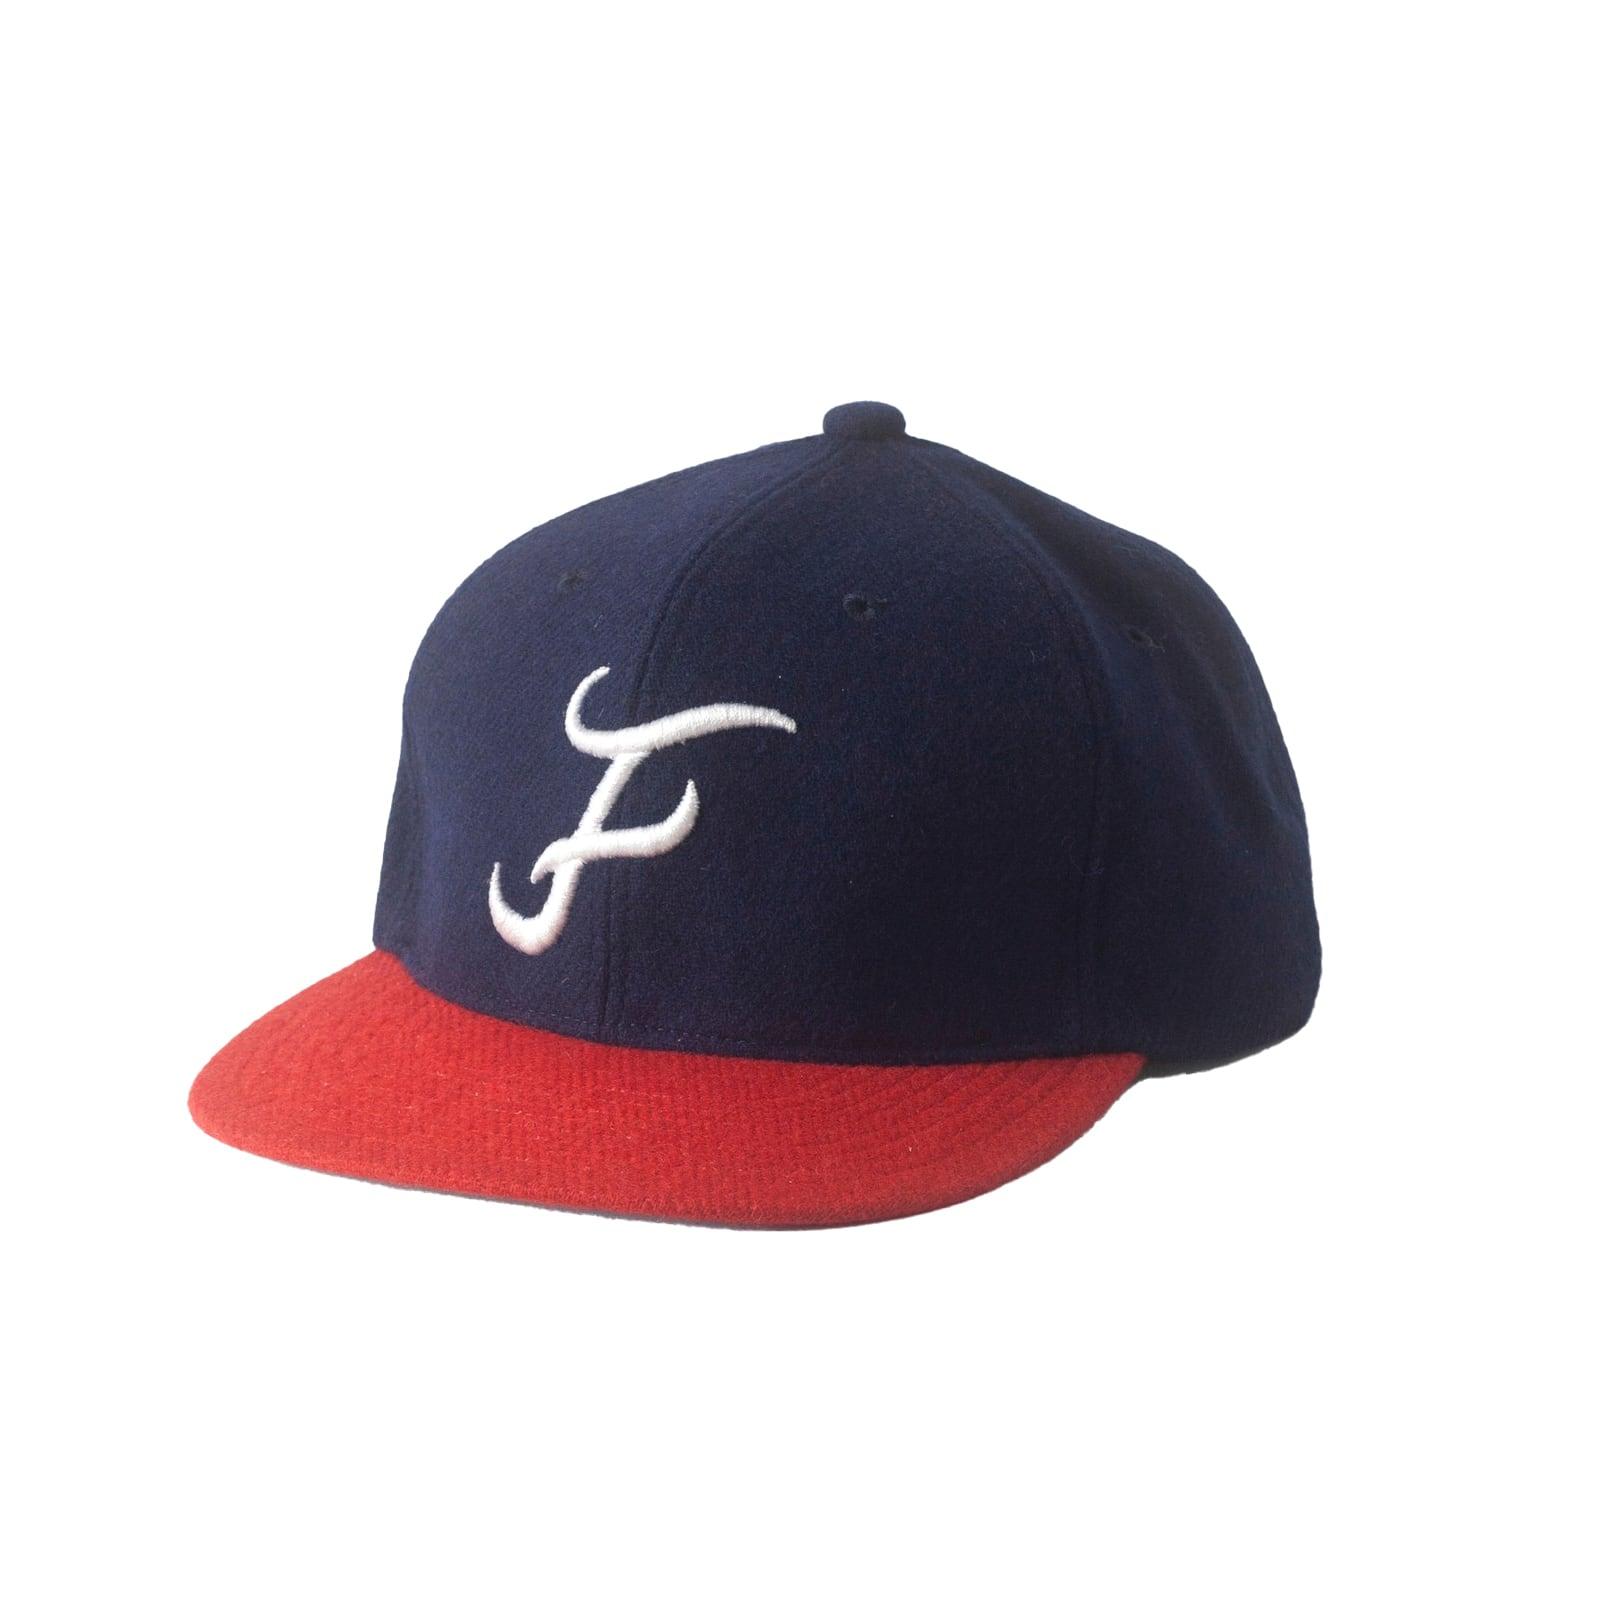 FRAVES BASEBALL CAP / NAVY RED - 画像1